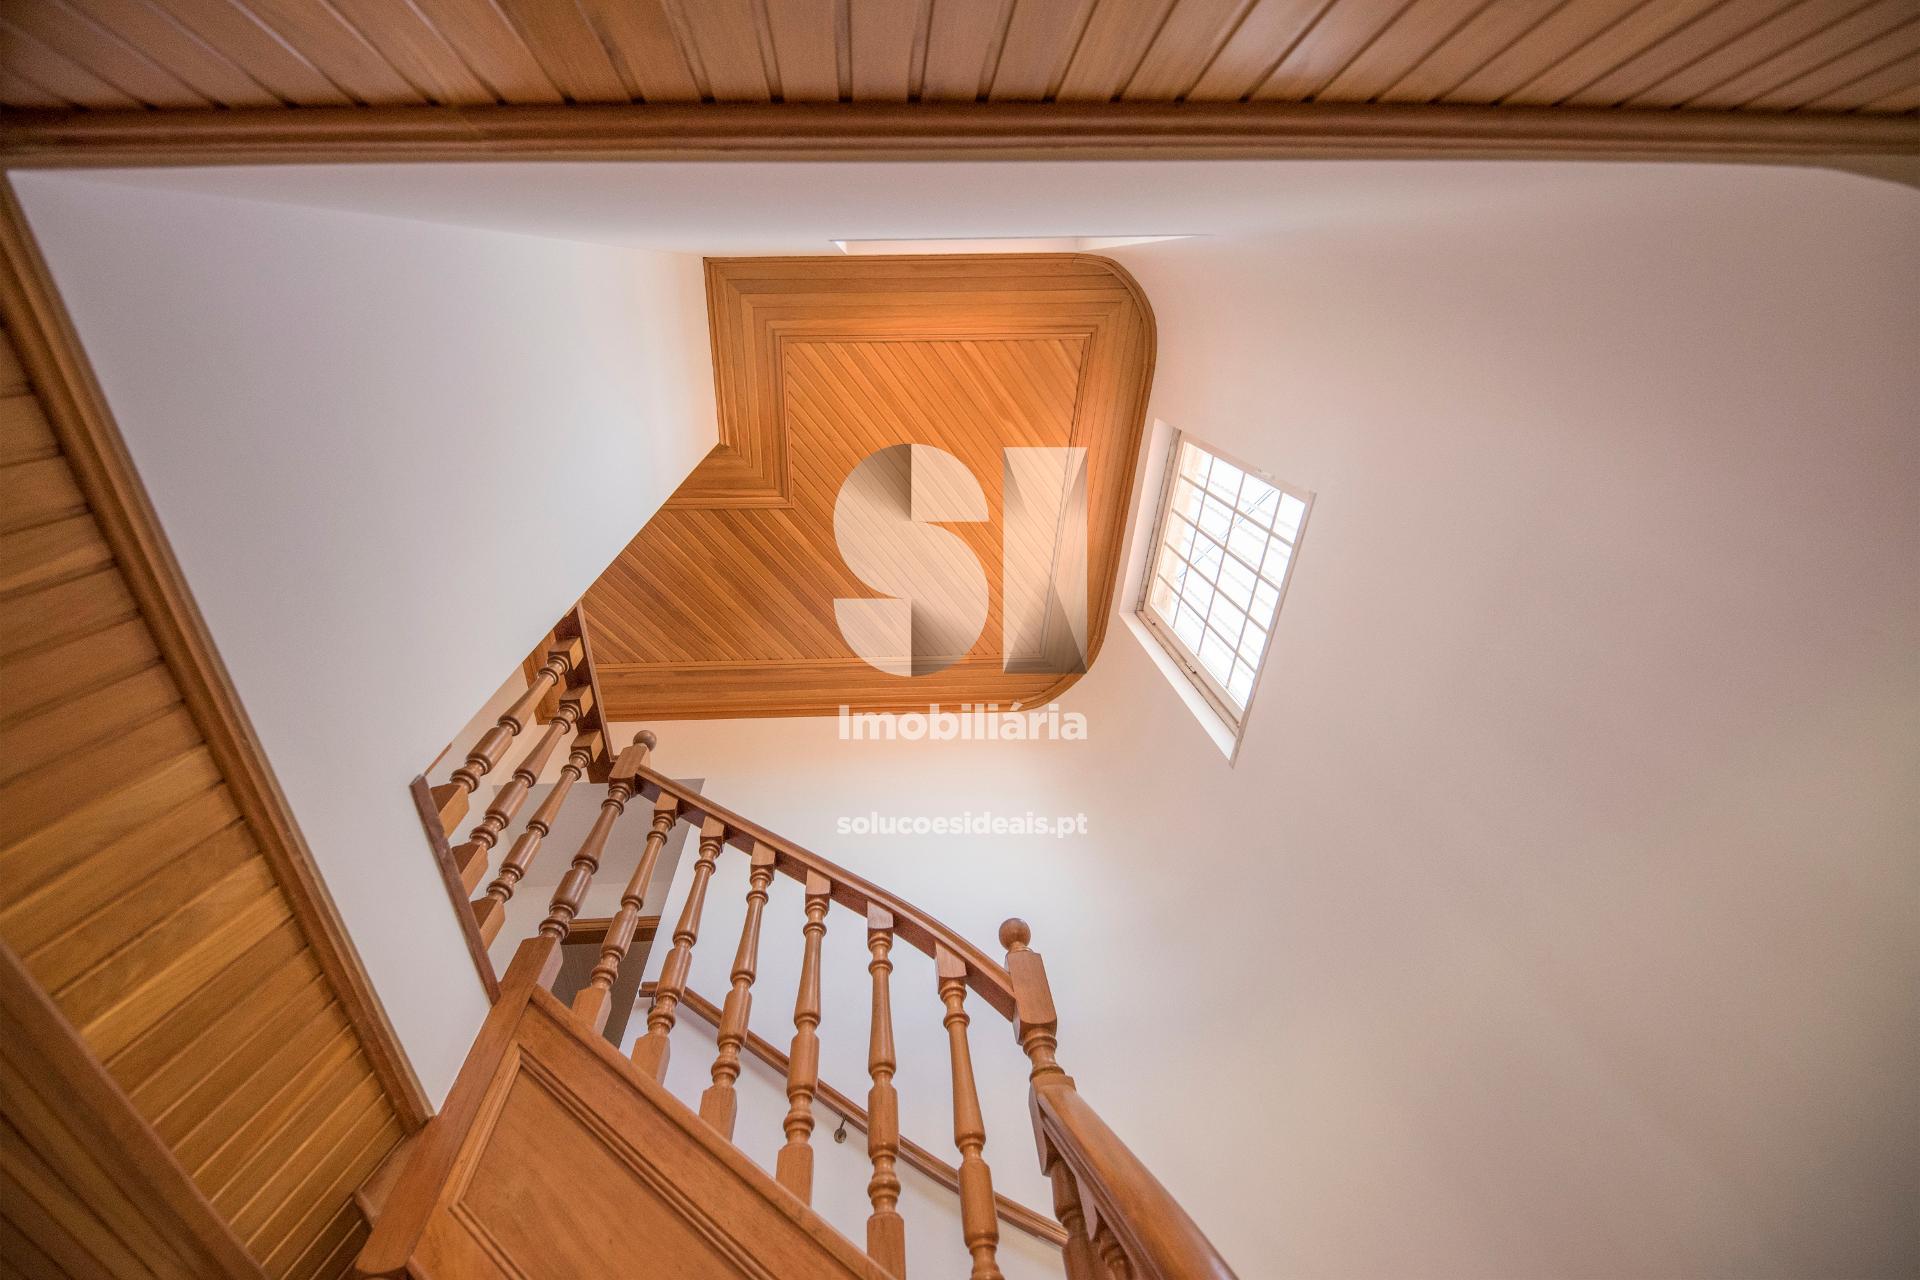 Escadas de acesso ao piso superior